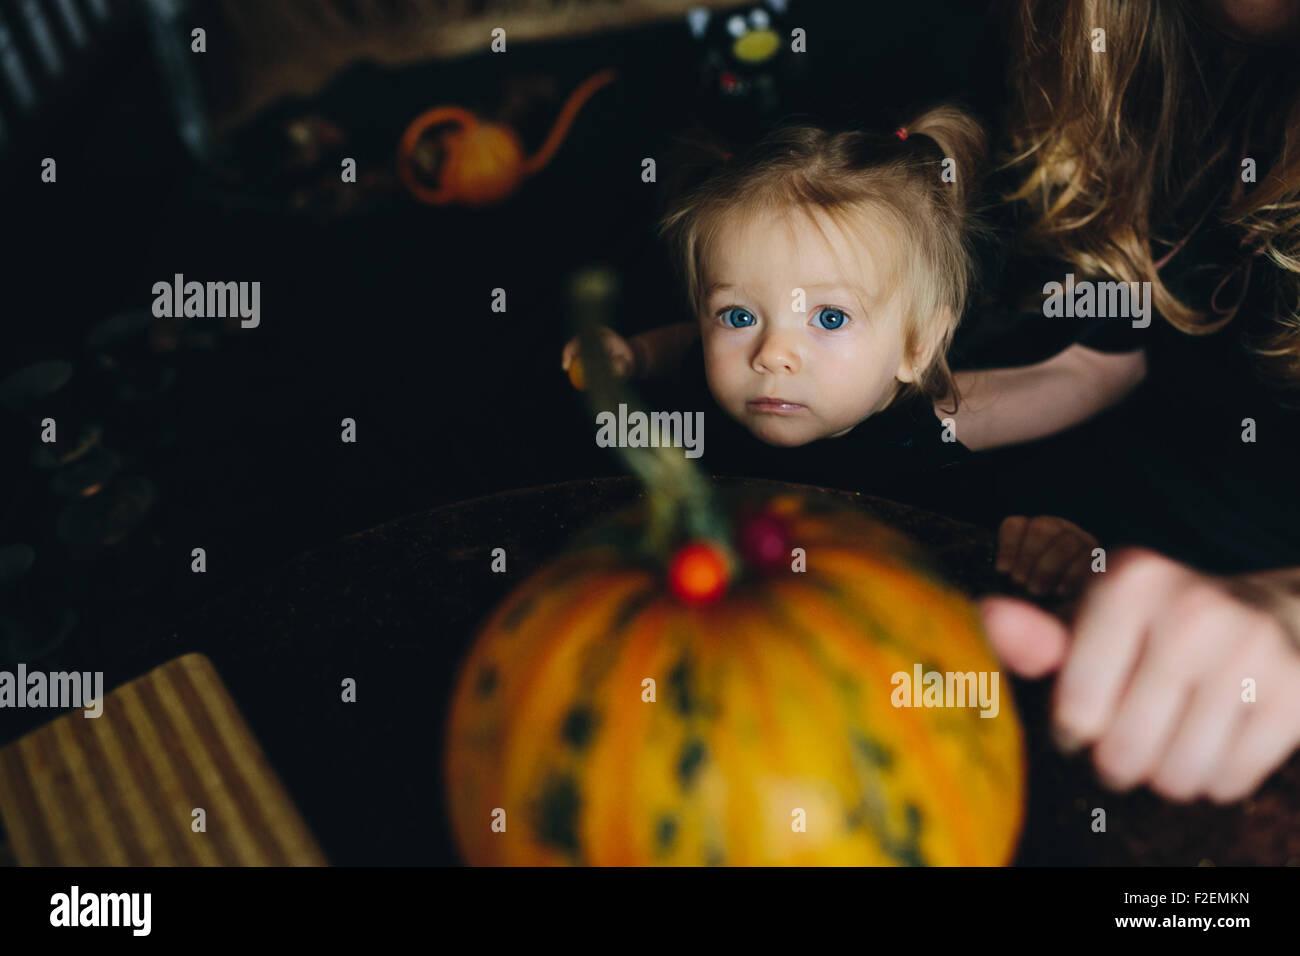 Bambina giocando in una strega Immagini Stock